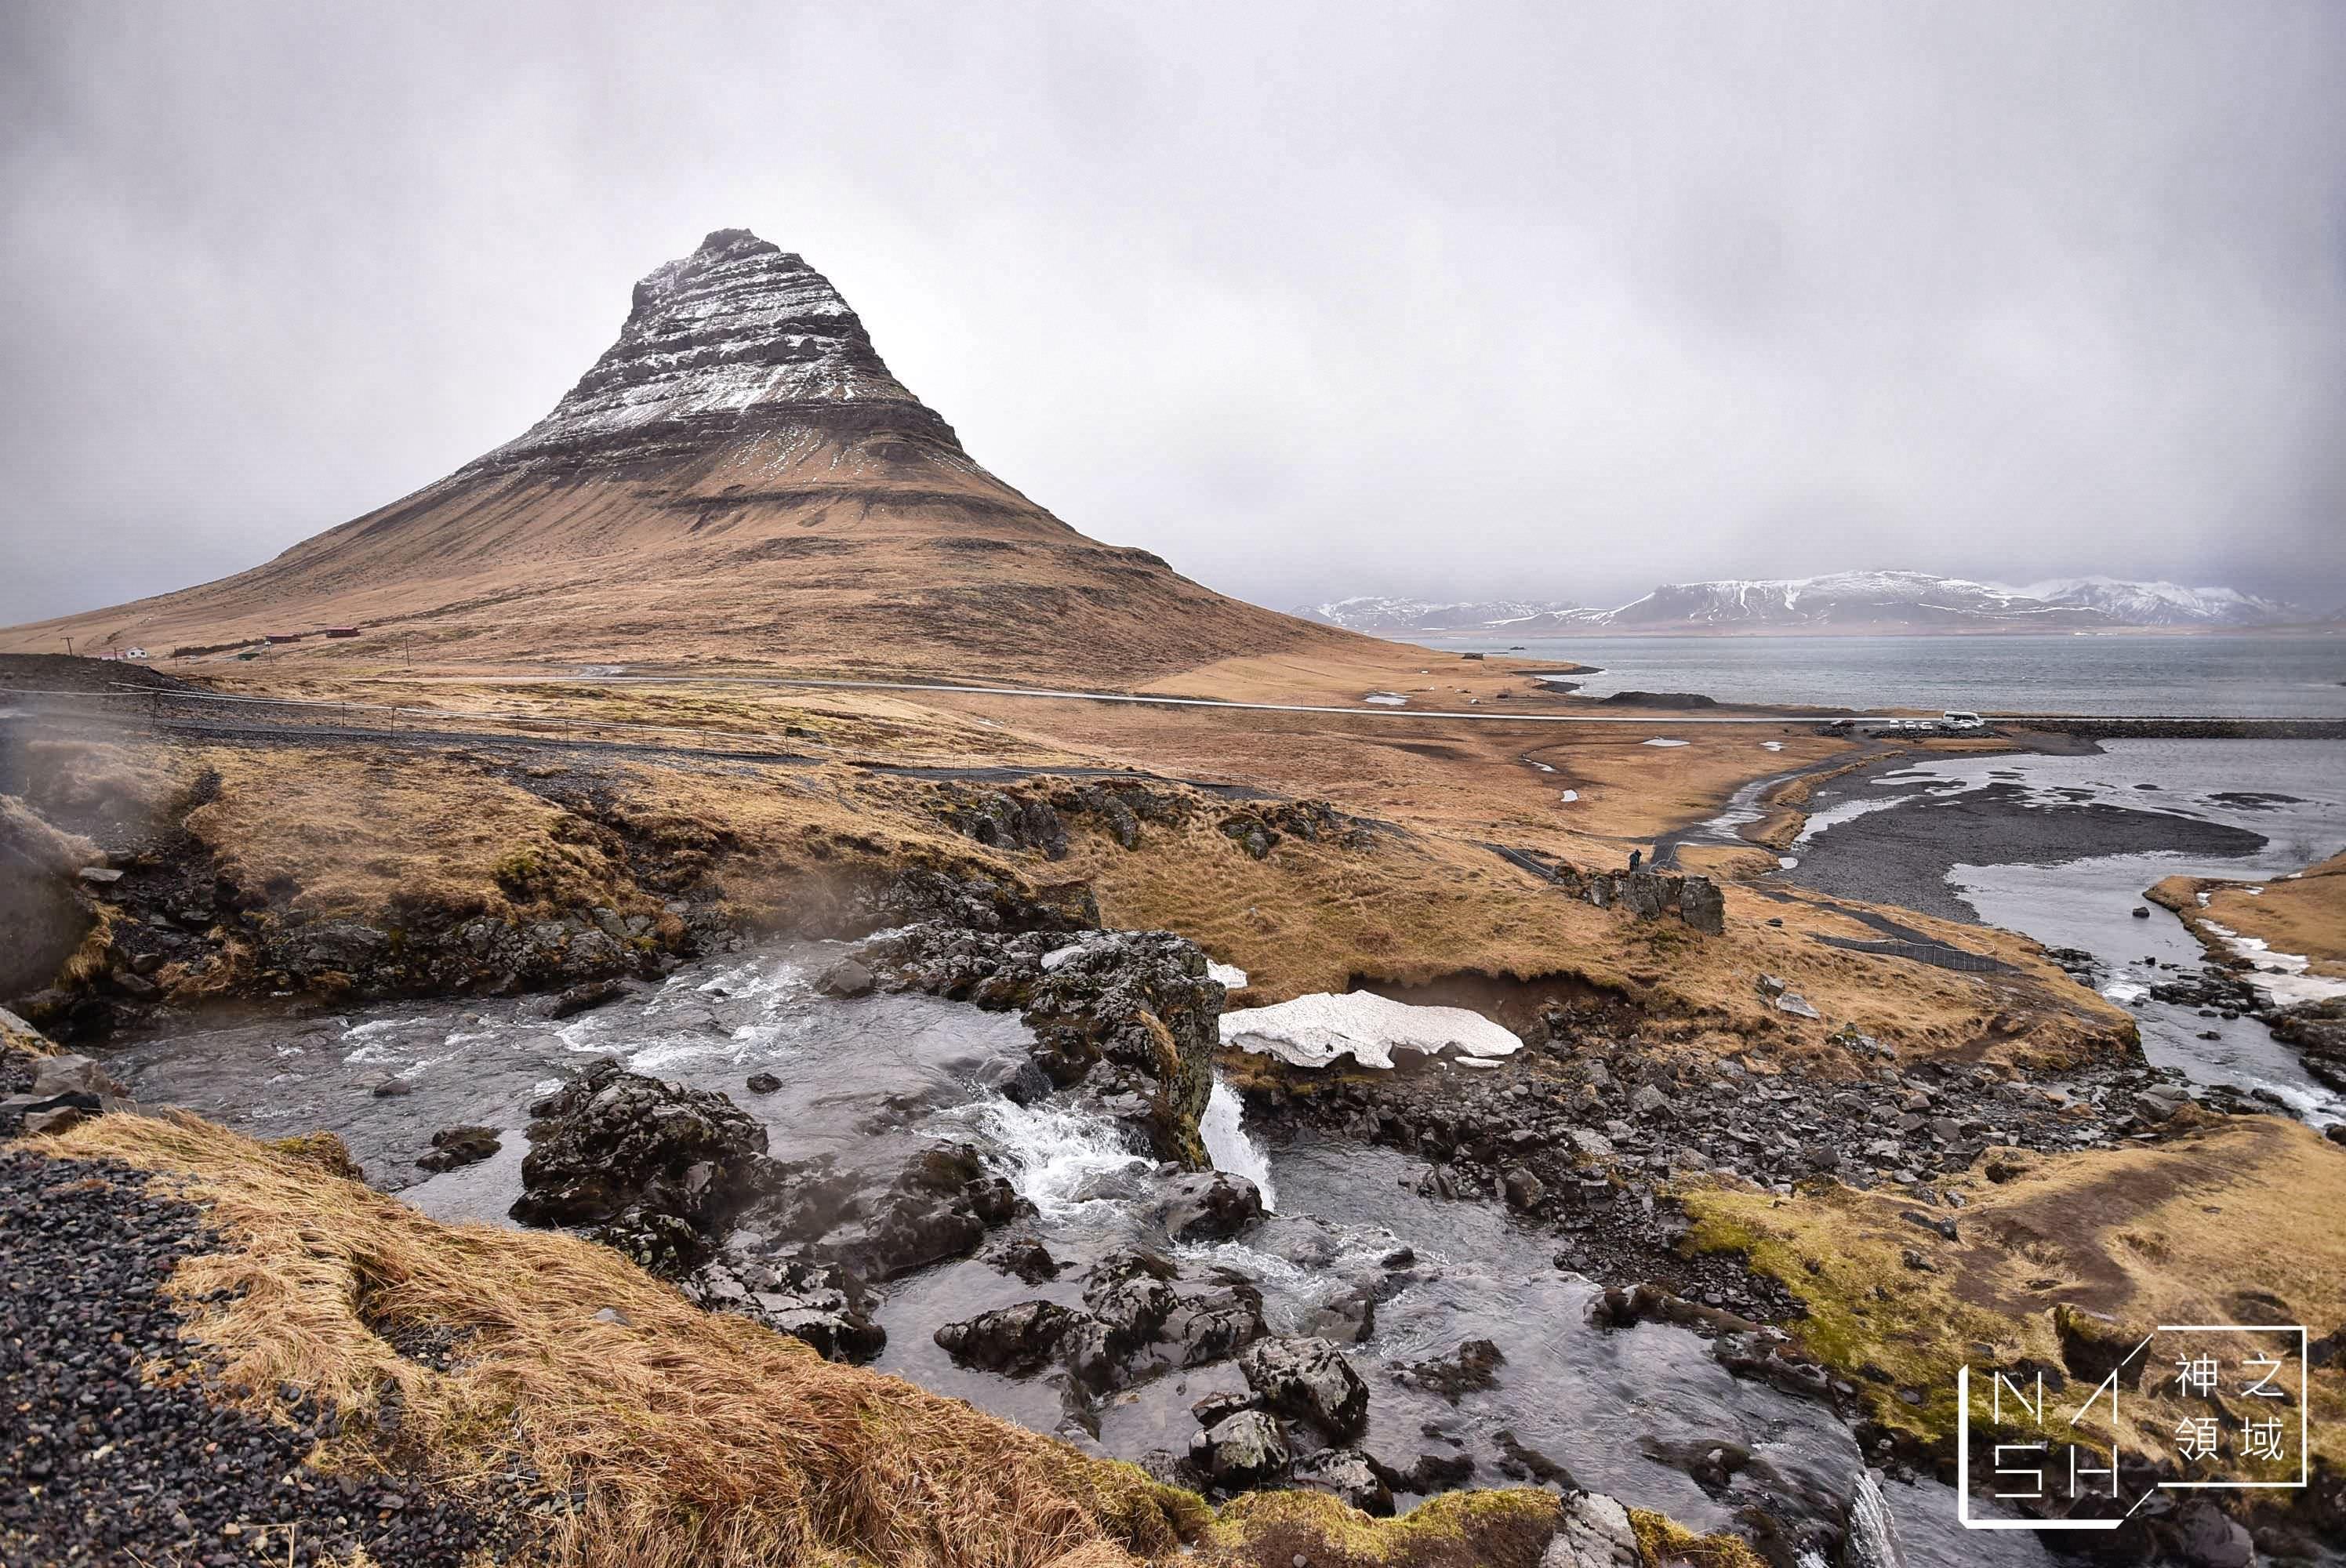 冰島自由行環島景點推薦,Kirkjufell,教堂山,斯奈山半島景點推薦 @Nash,神之領域